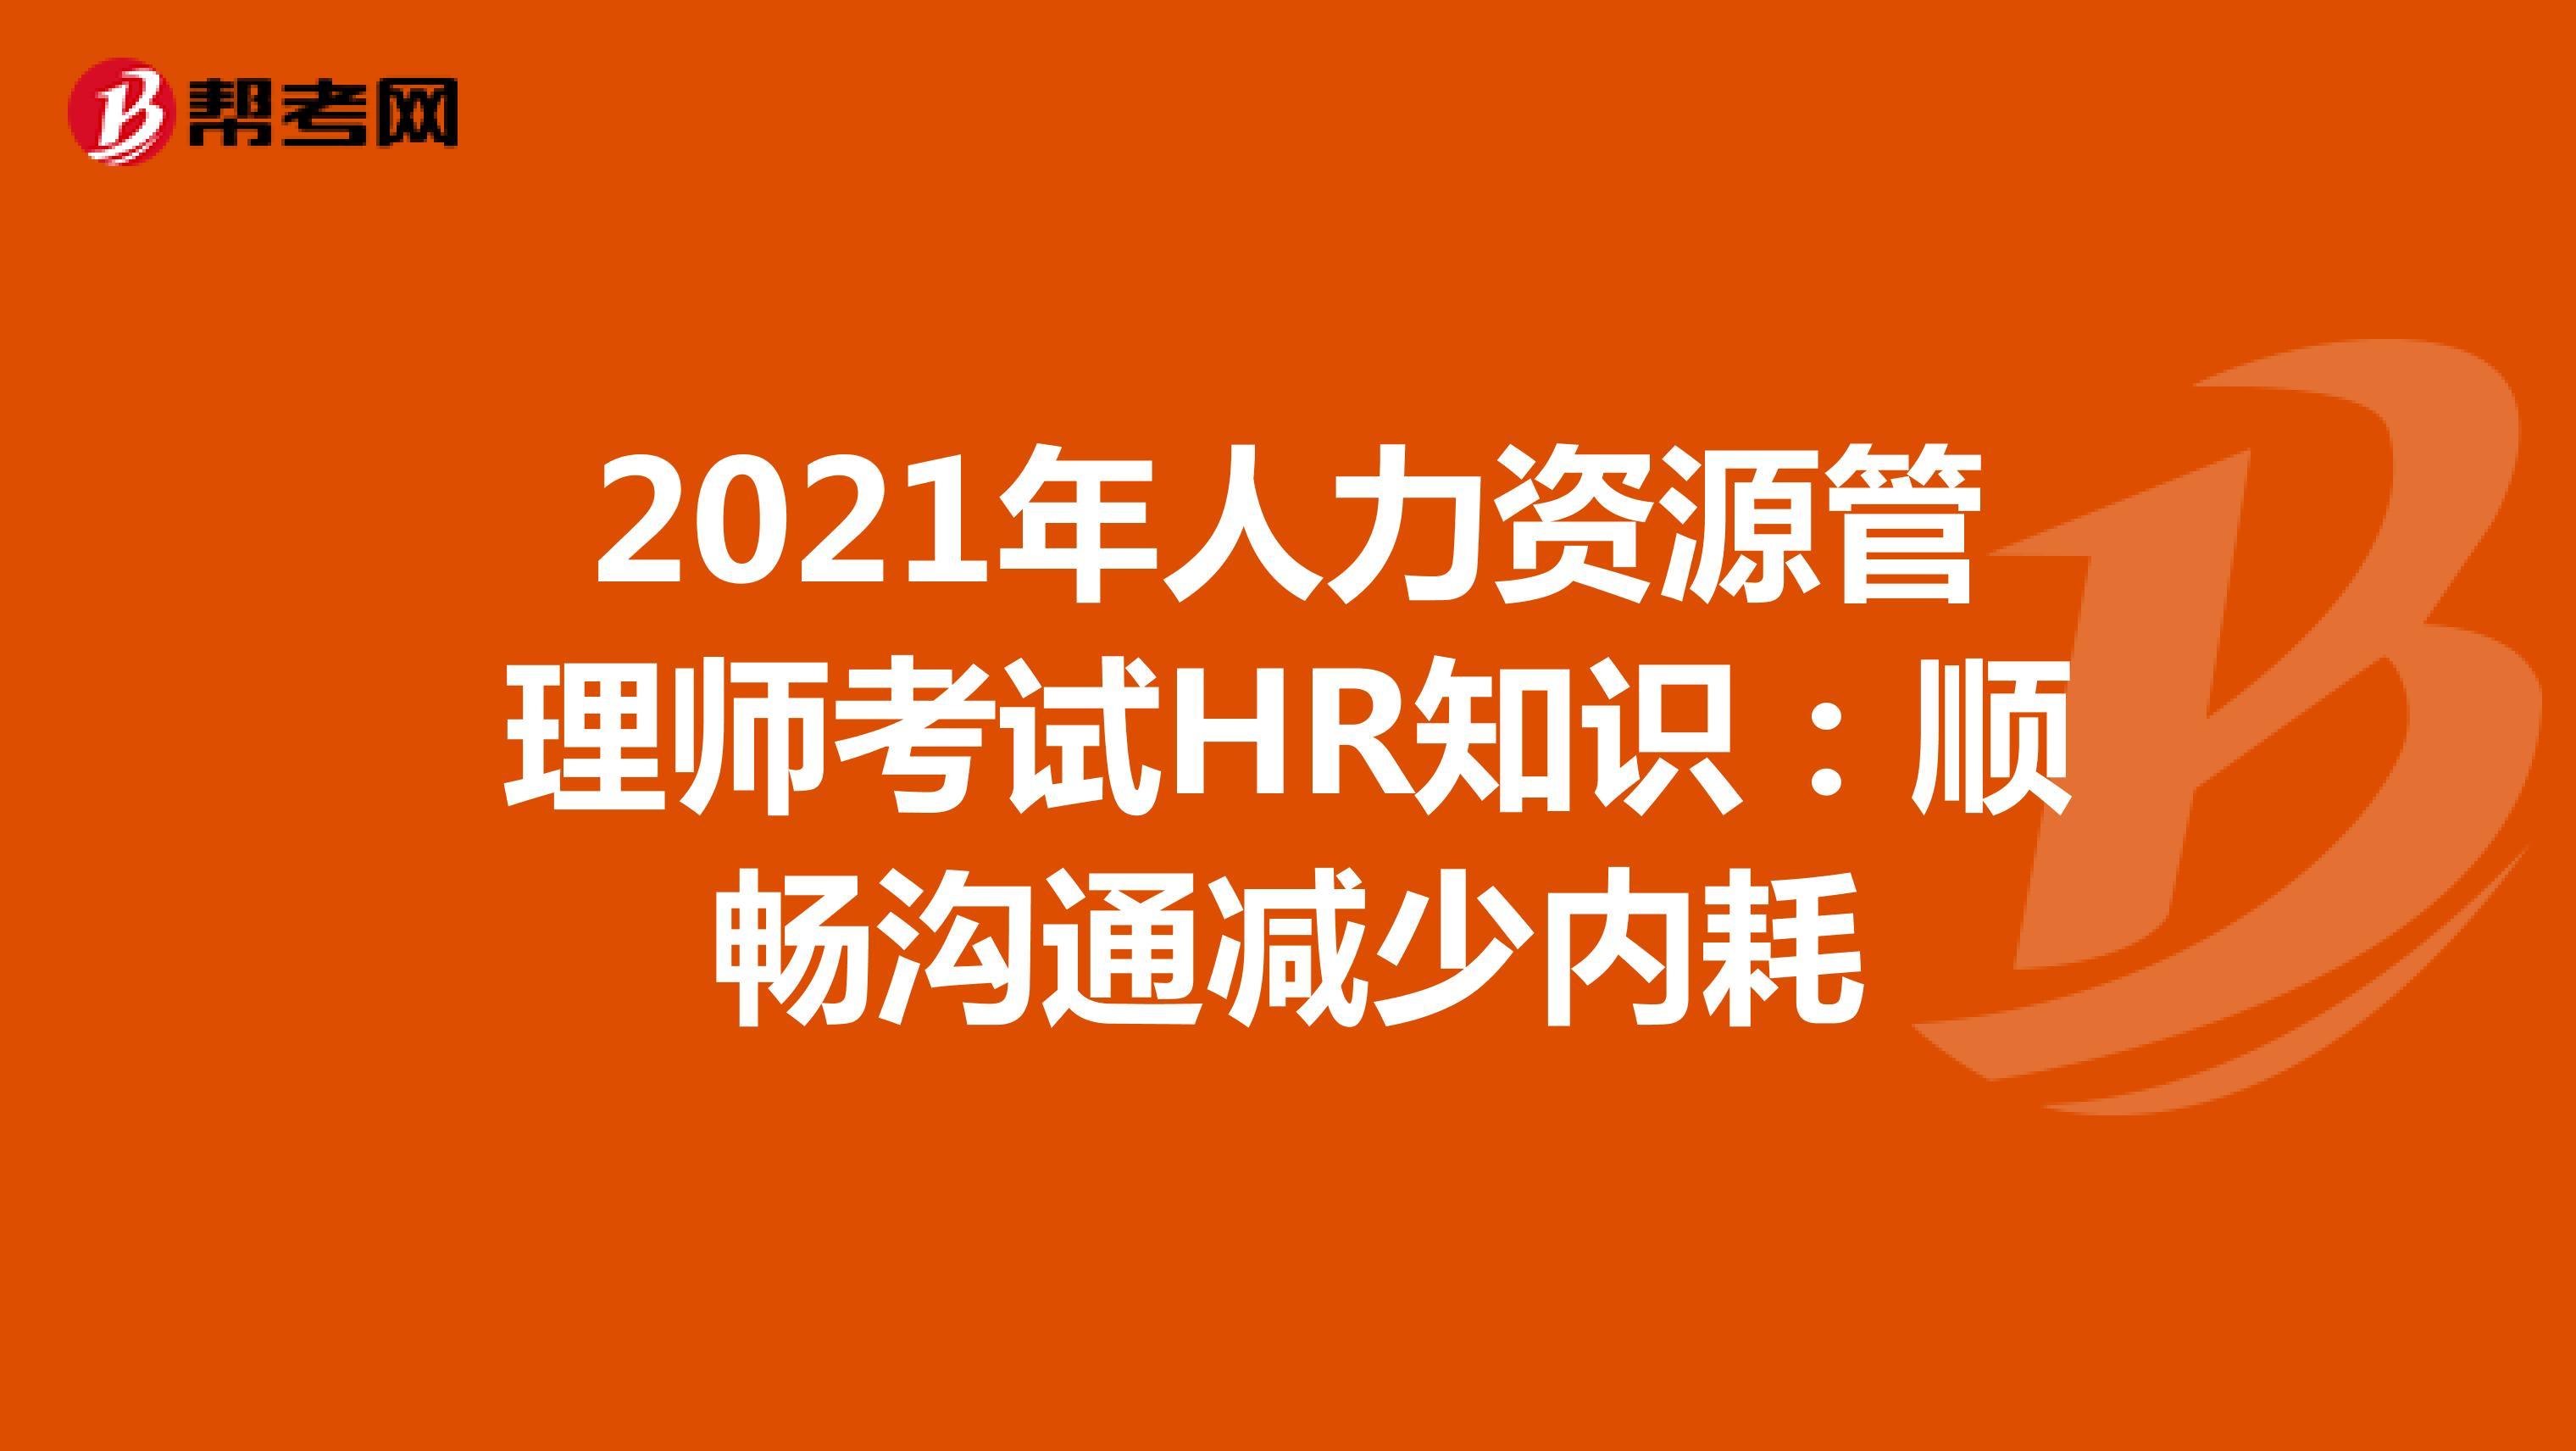 2021年人力资源管理师考试HR知识:顺畅沟通减少内耗